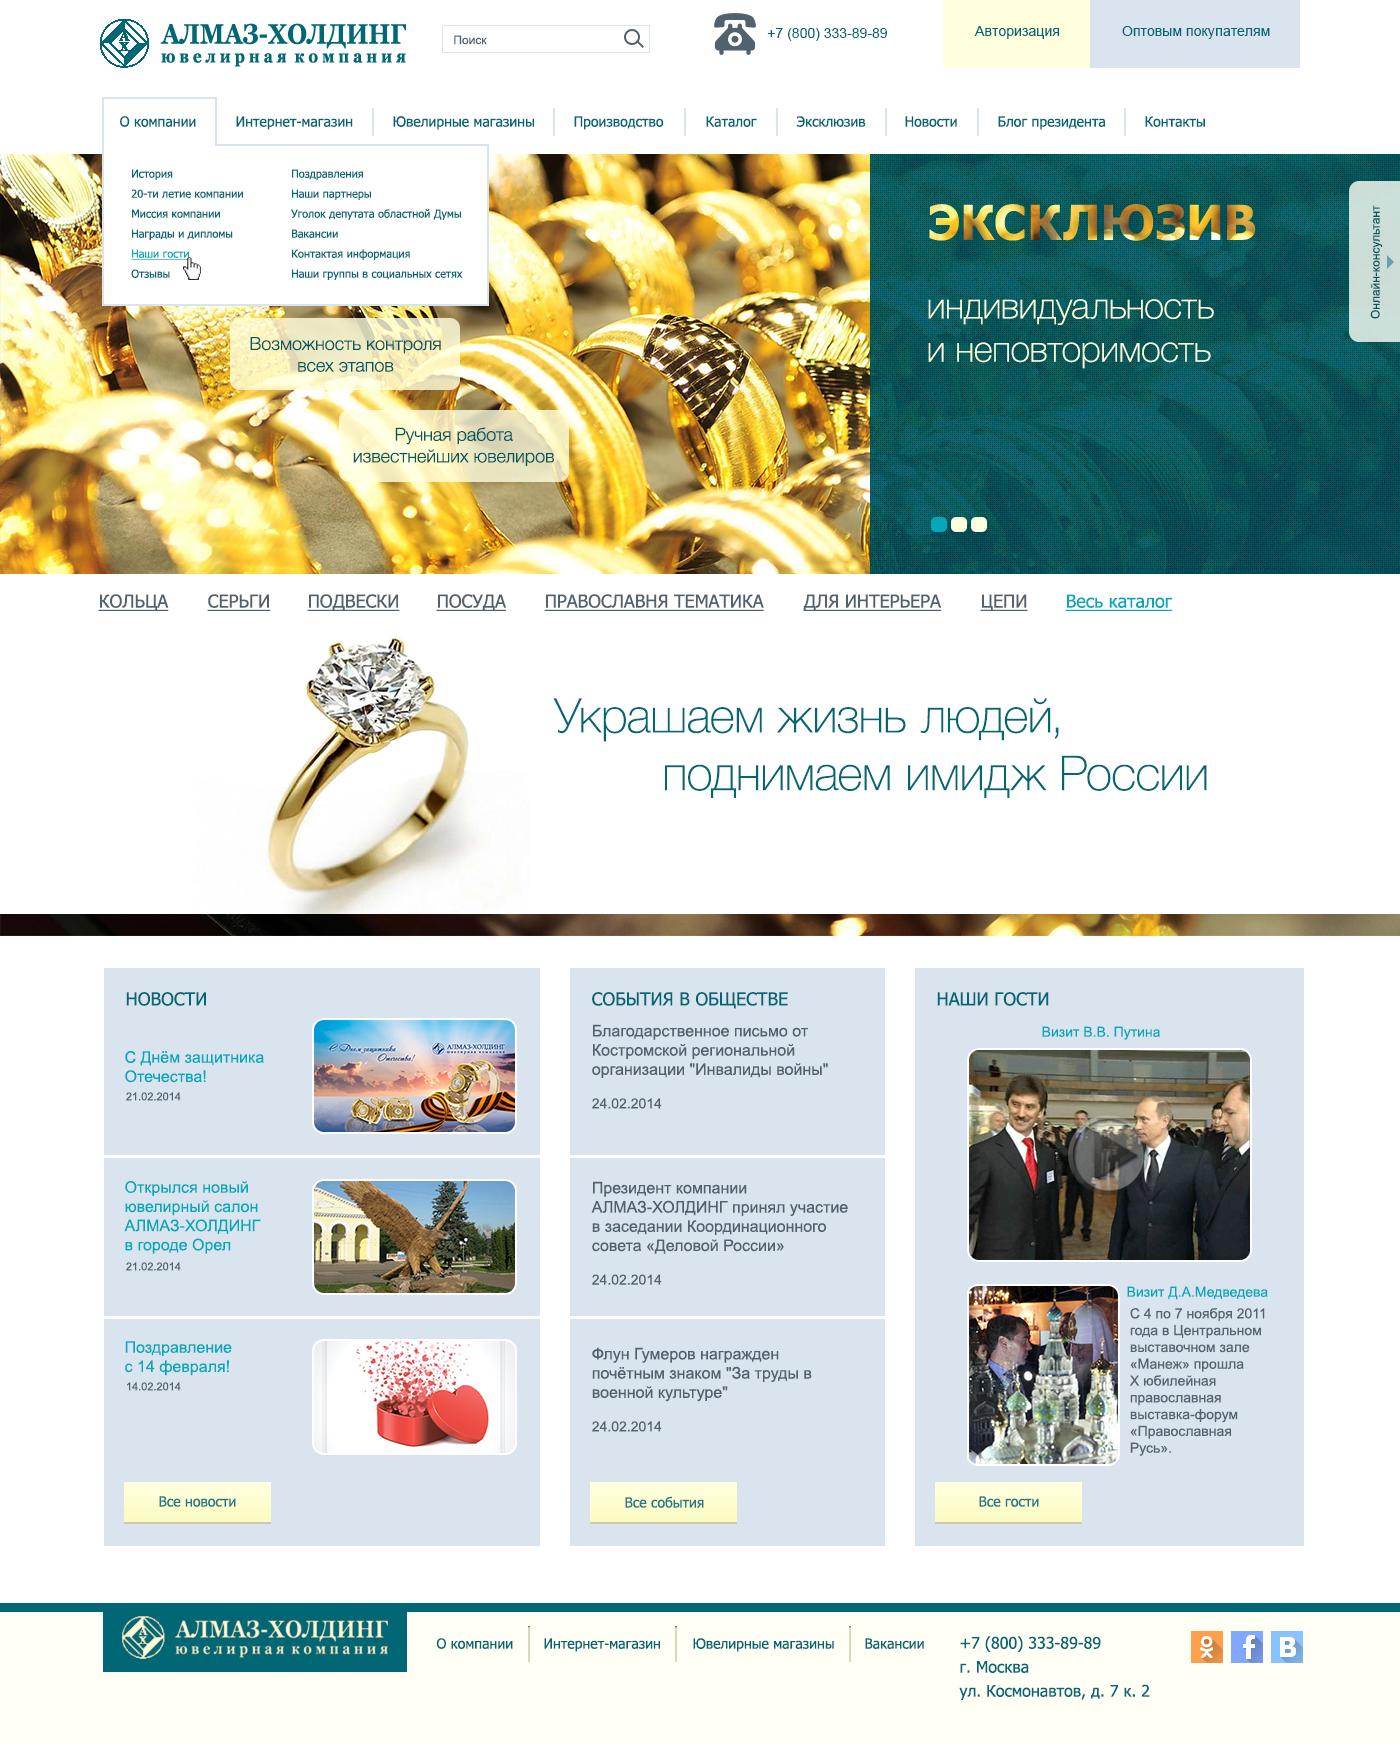 Дизайн сайта для ювелирной компании Алмаз-Холдинг фото f_31253173a9b8df06.png